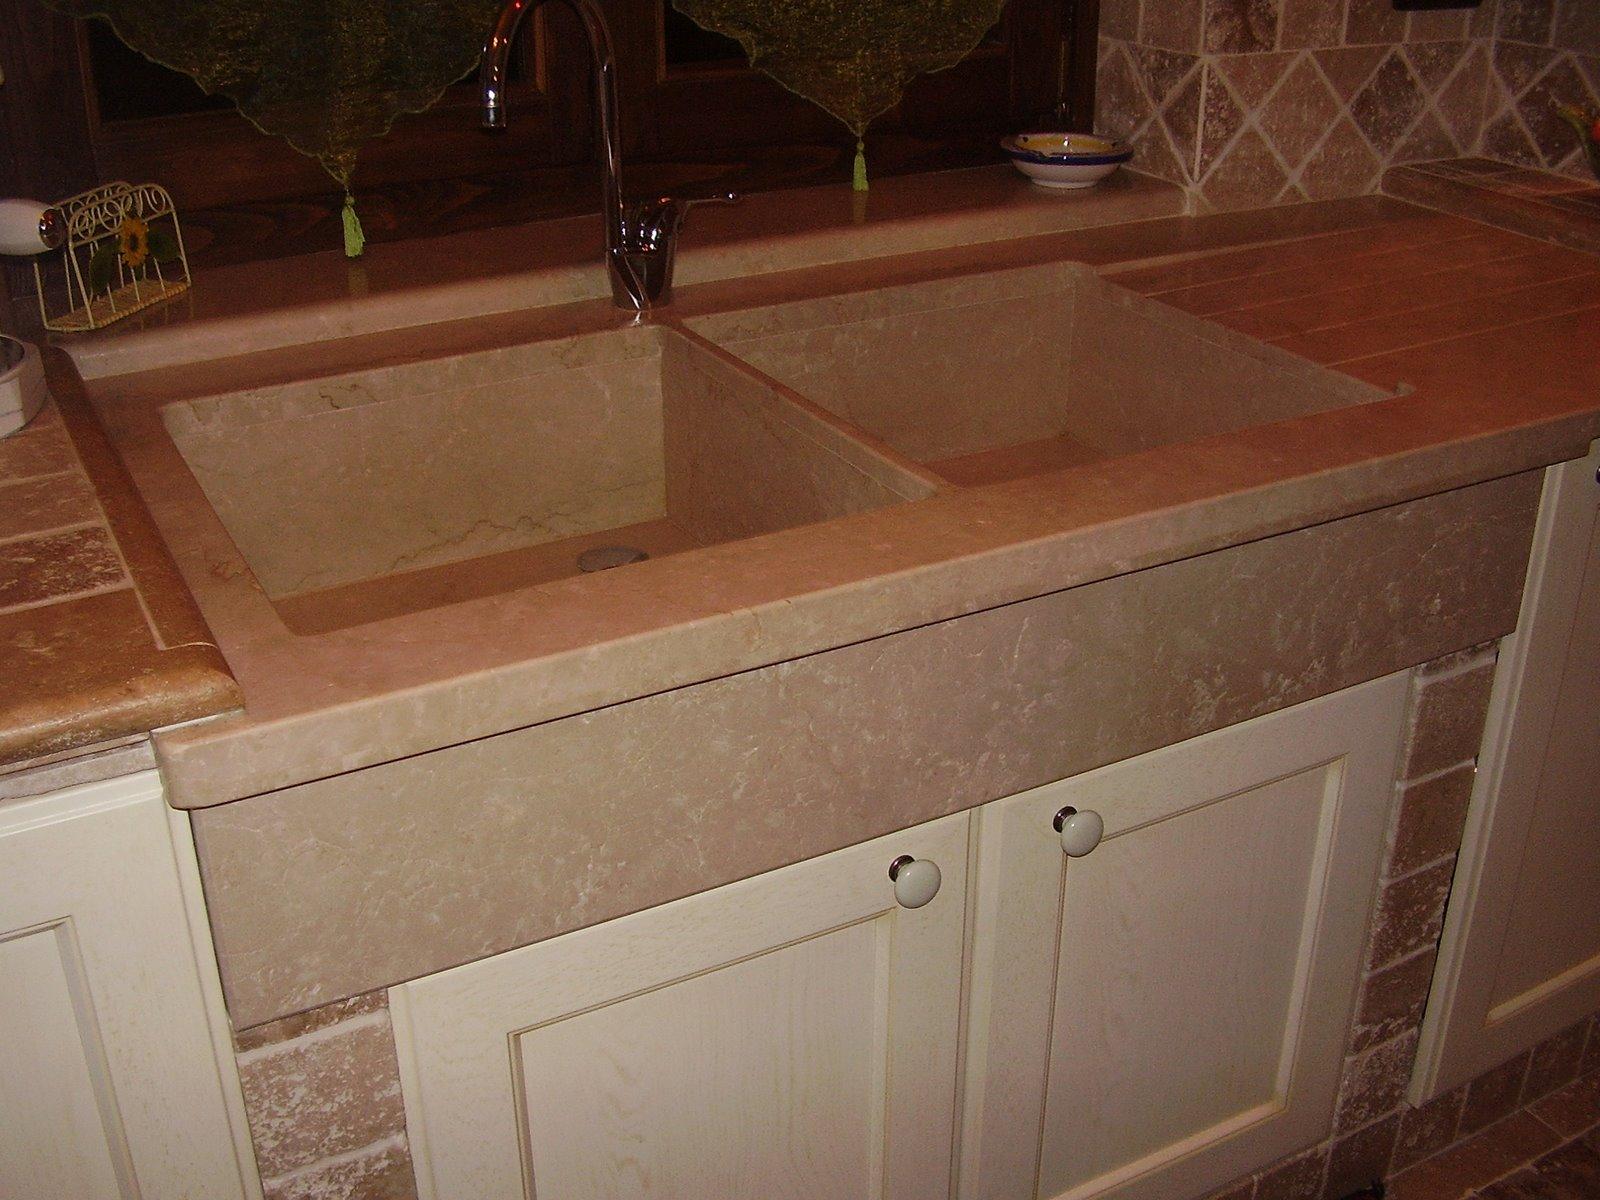 Cucine marmo arreda di ciaffone cesidio - Top in marmo per cucine ...